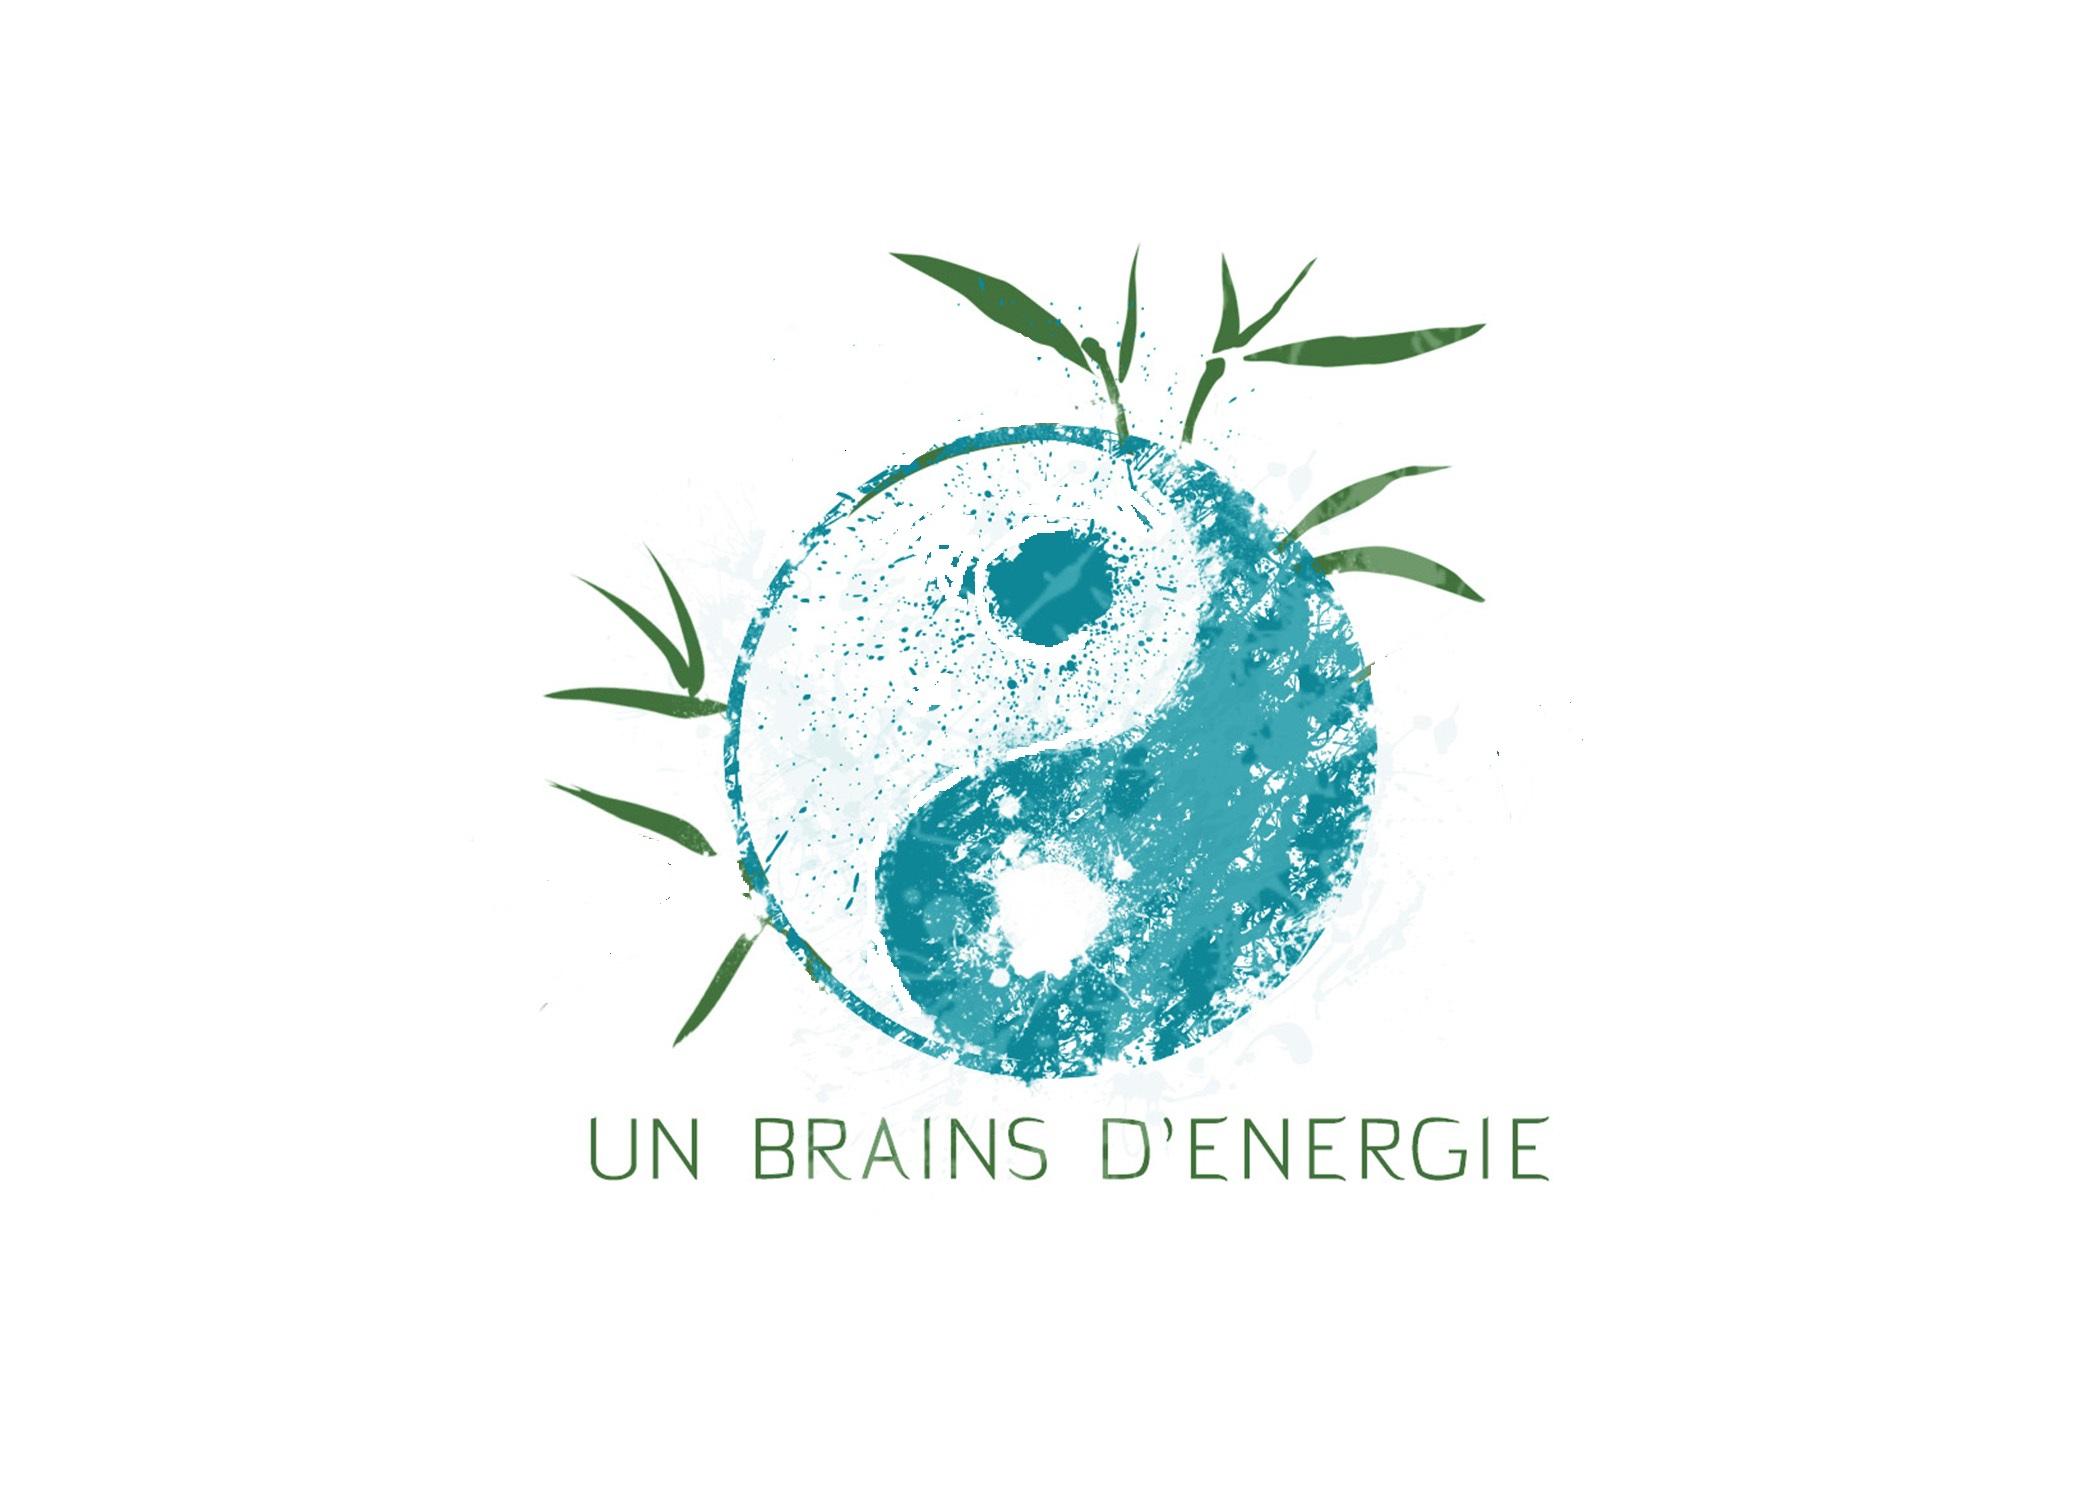 Un Brains d'énergie